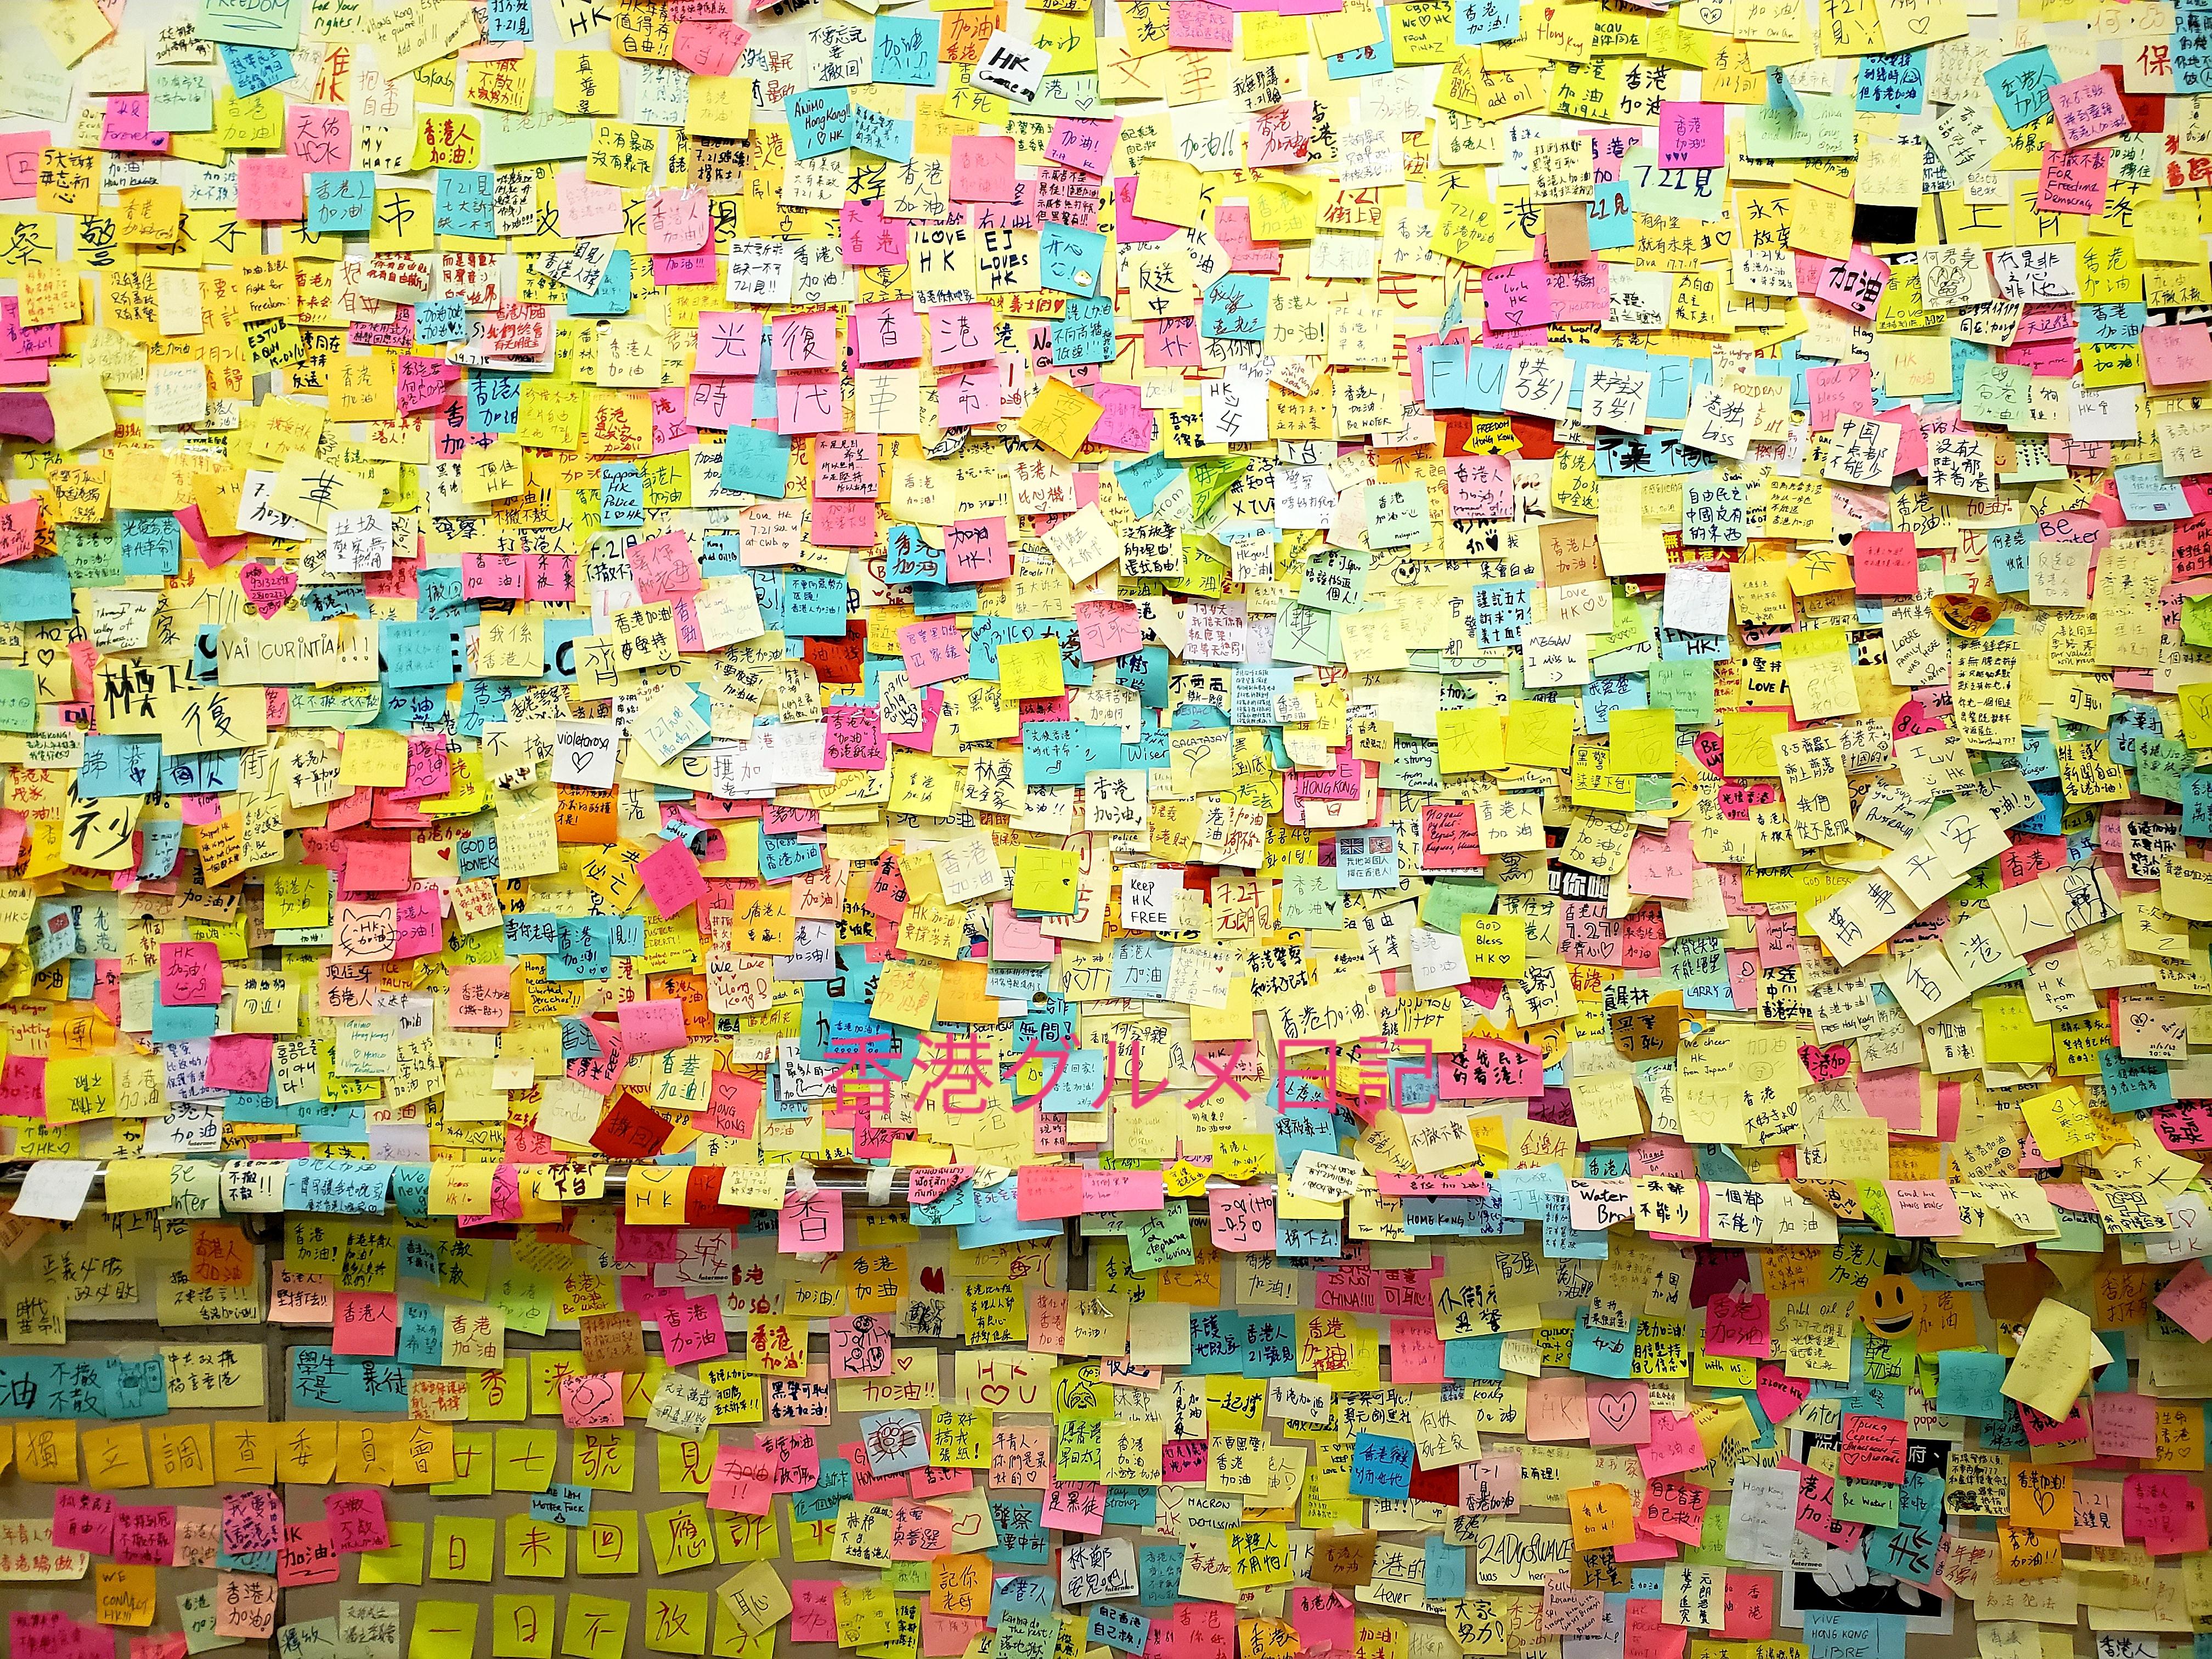 香港チムサーチョイの平和を願うメッセージ